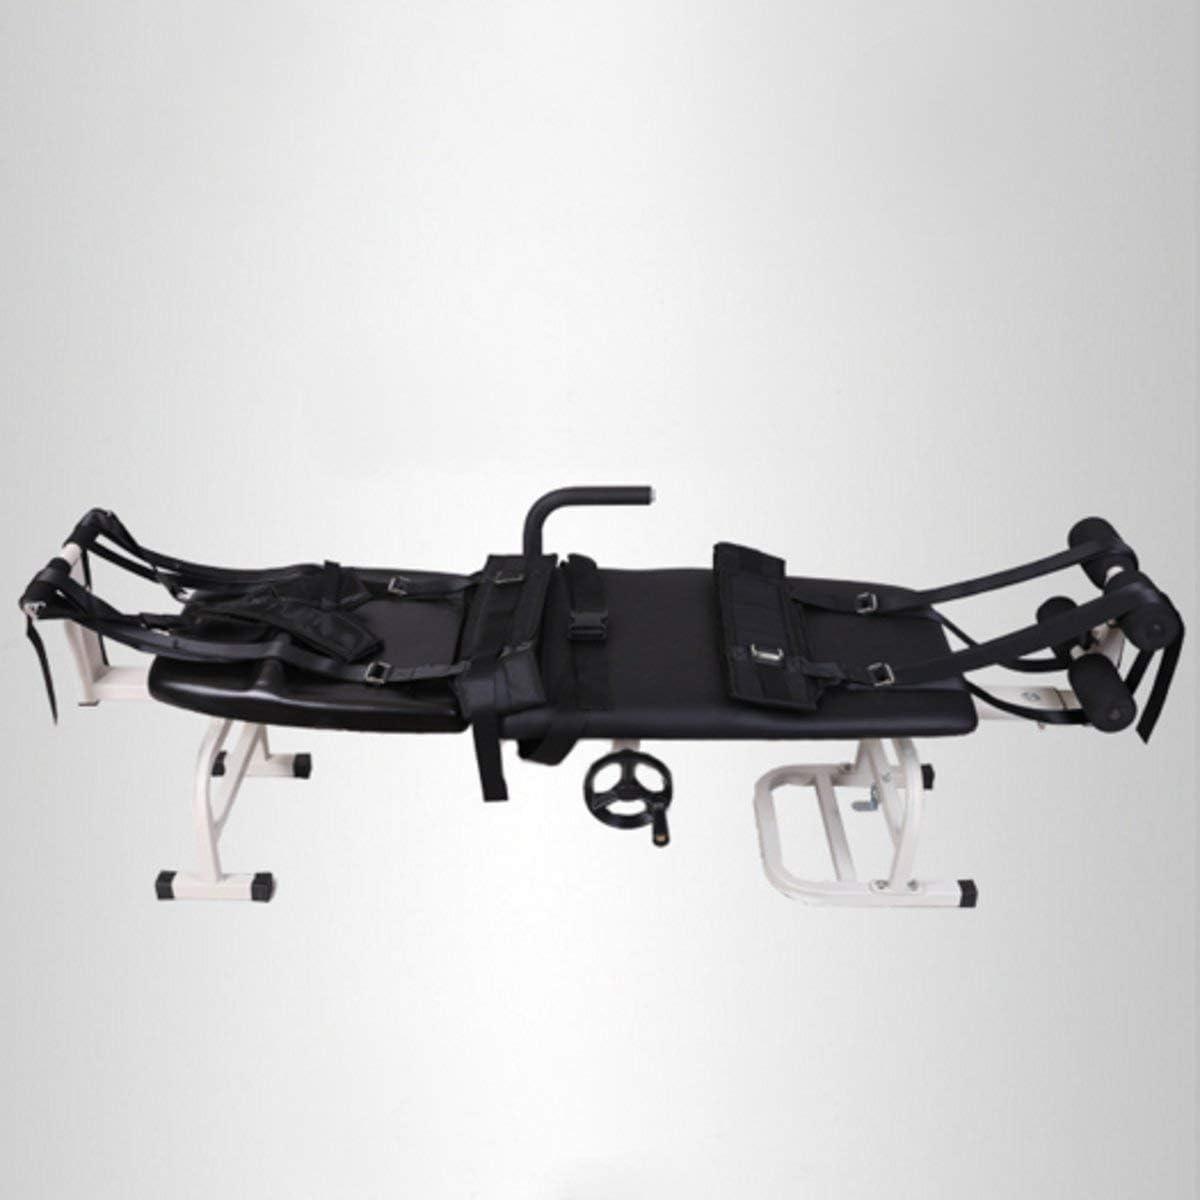 ポータブル頚椎牽引ベッド腰椎マッサージベッドプロフェッショナルマシンクローズアップ調節可能なベルトボディ牽引機器ホームデバイス